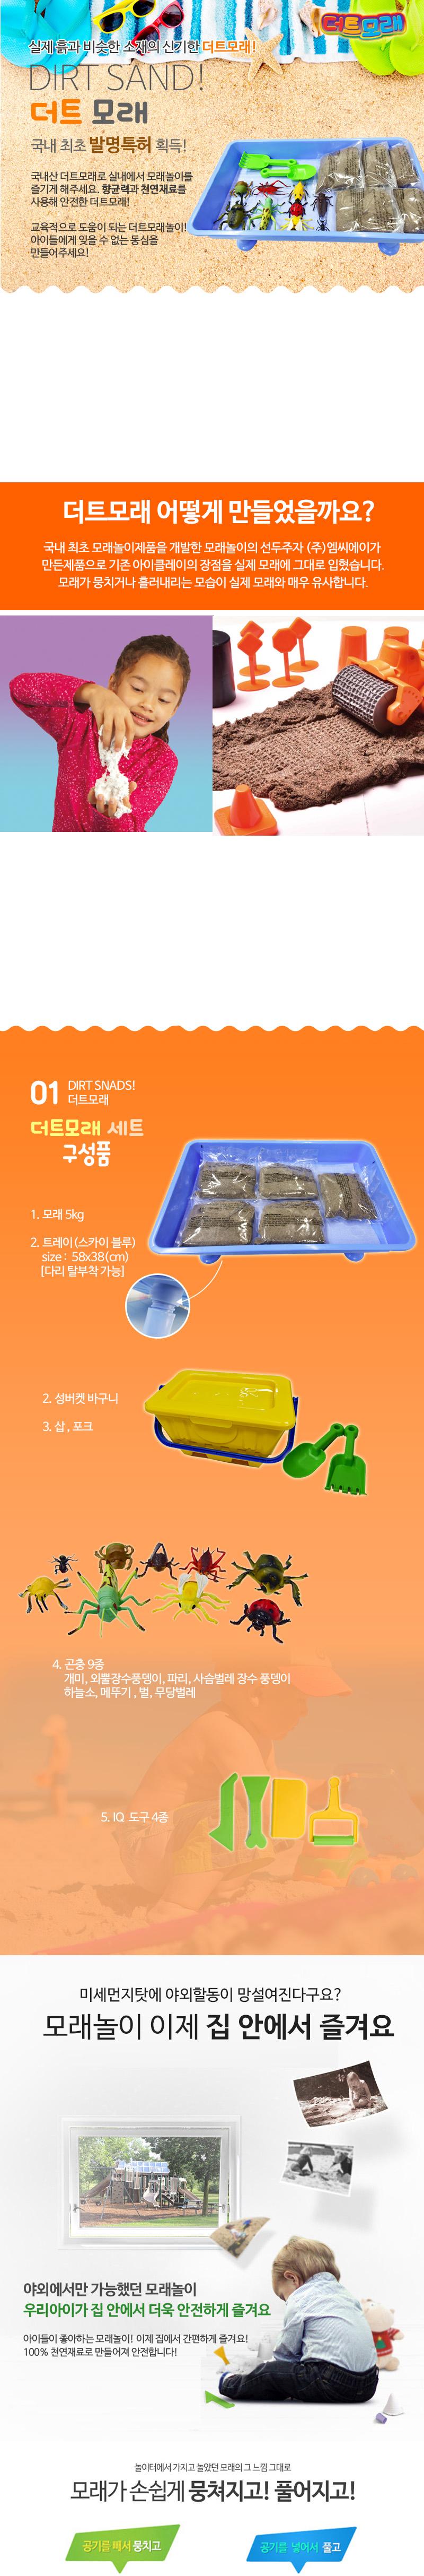 더트모래 곤충놀이 5kg 풀세트 - 촉촉이모래, 52,000원, 미술놀이, 칼라점토/유토/모래놀이